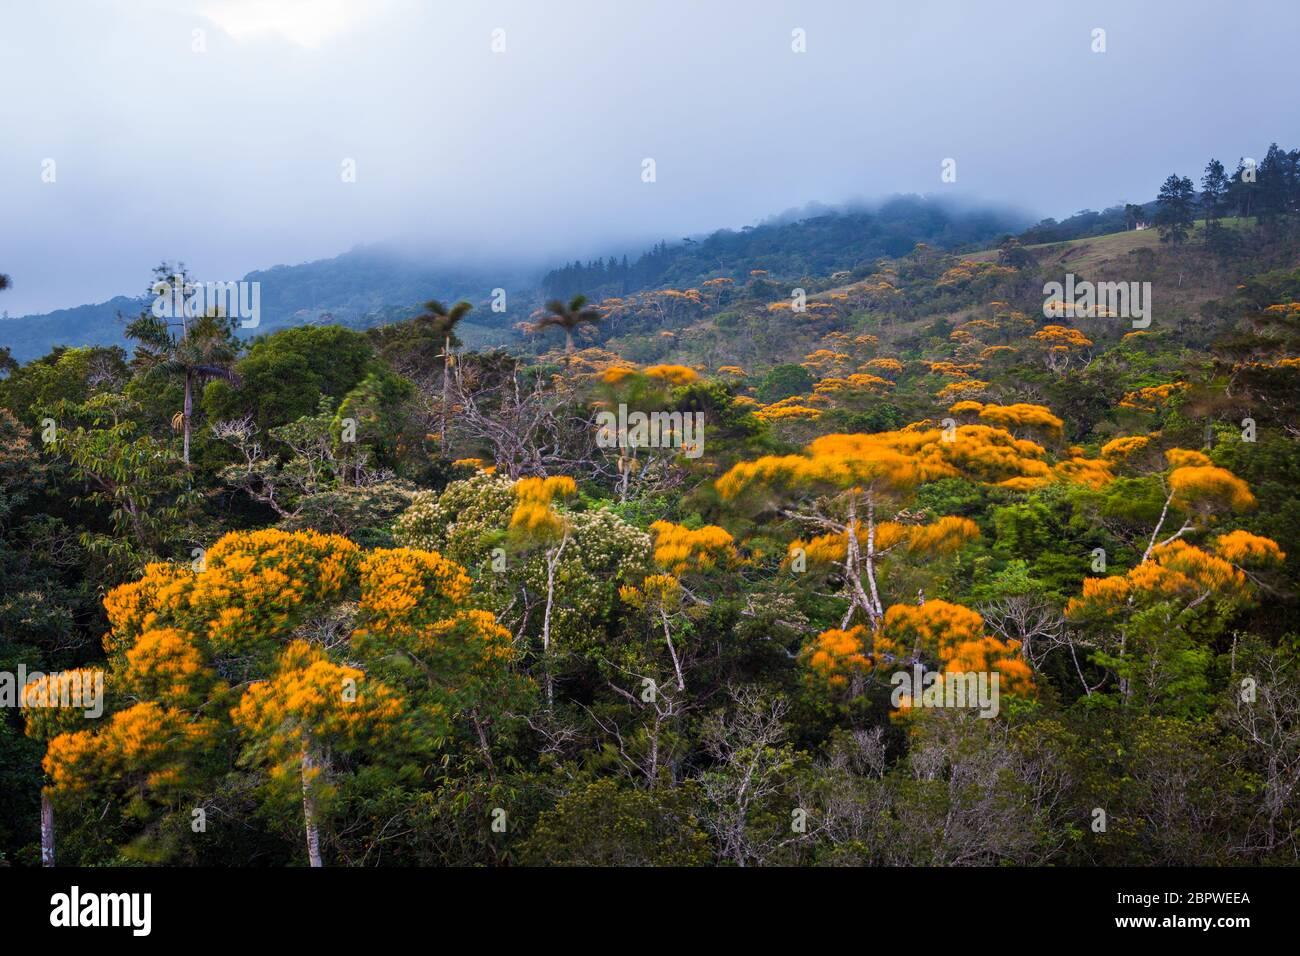 Fleurs arbres de mai, Vochysia ferruginea, dans la forêt tropicale du parc national d'Altos de Campana, République du Panama. Banque D'Images